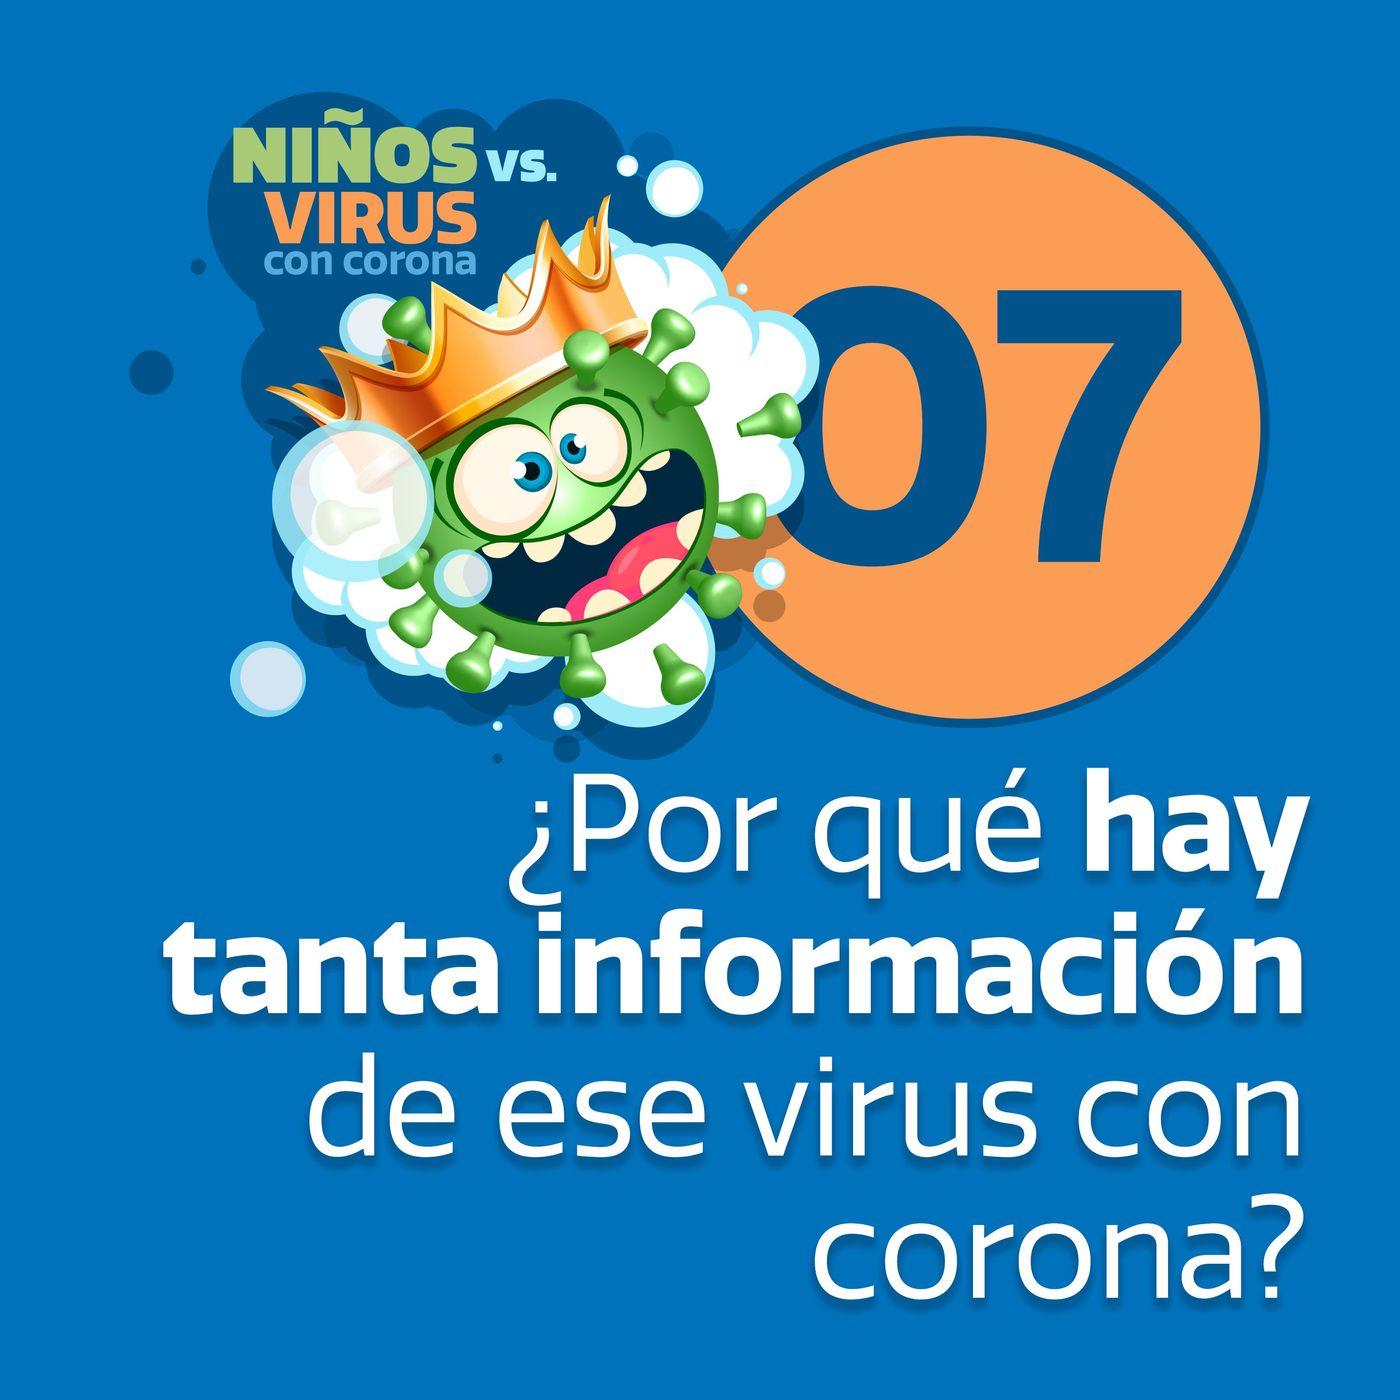 Día 07: Pequeños invasores   ¿Por qué todos hablan de ese virus con corona y por qué hay tanta información?